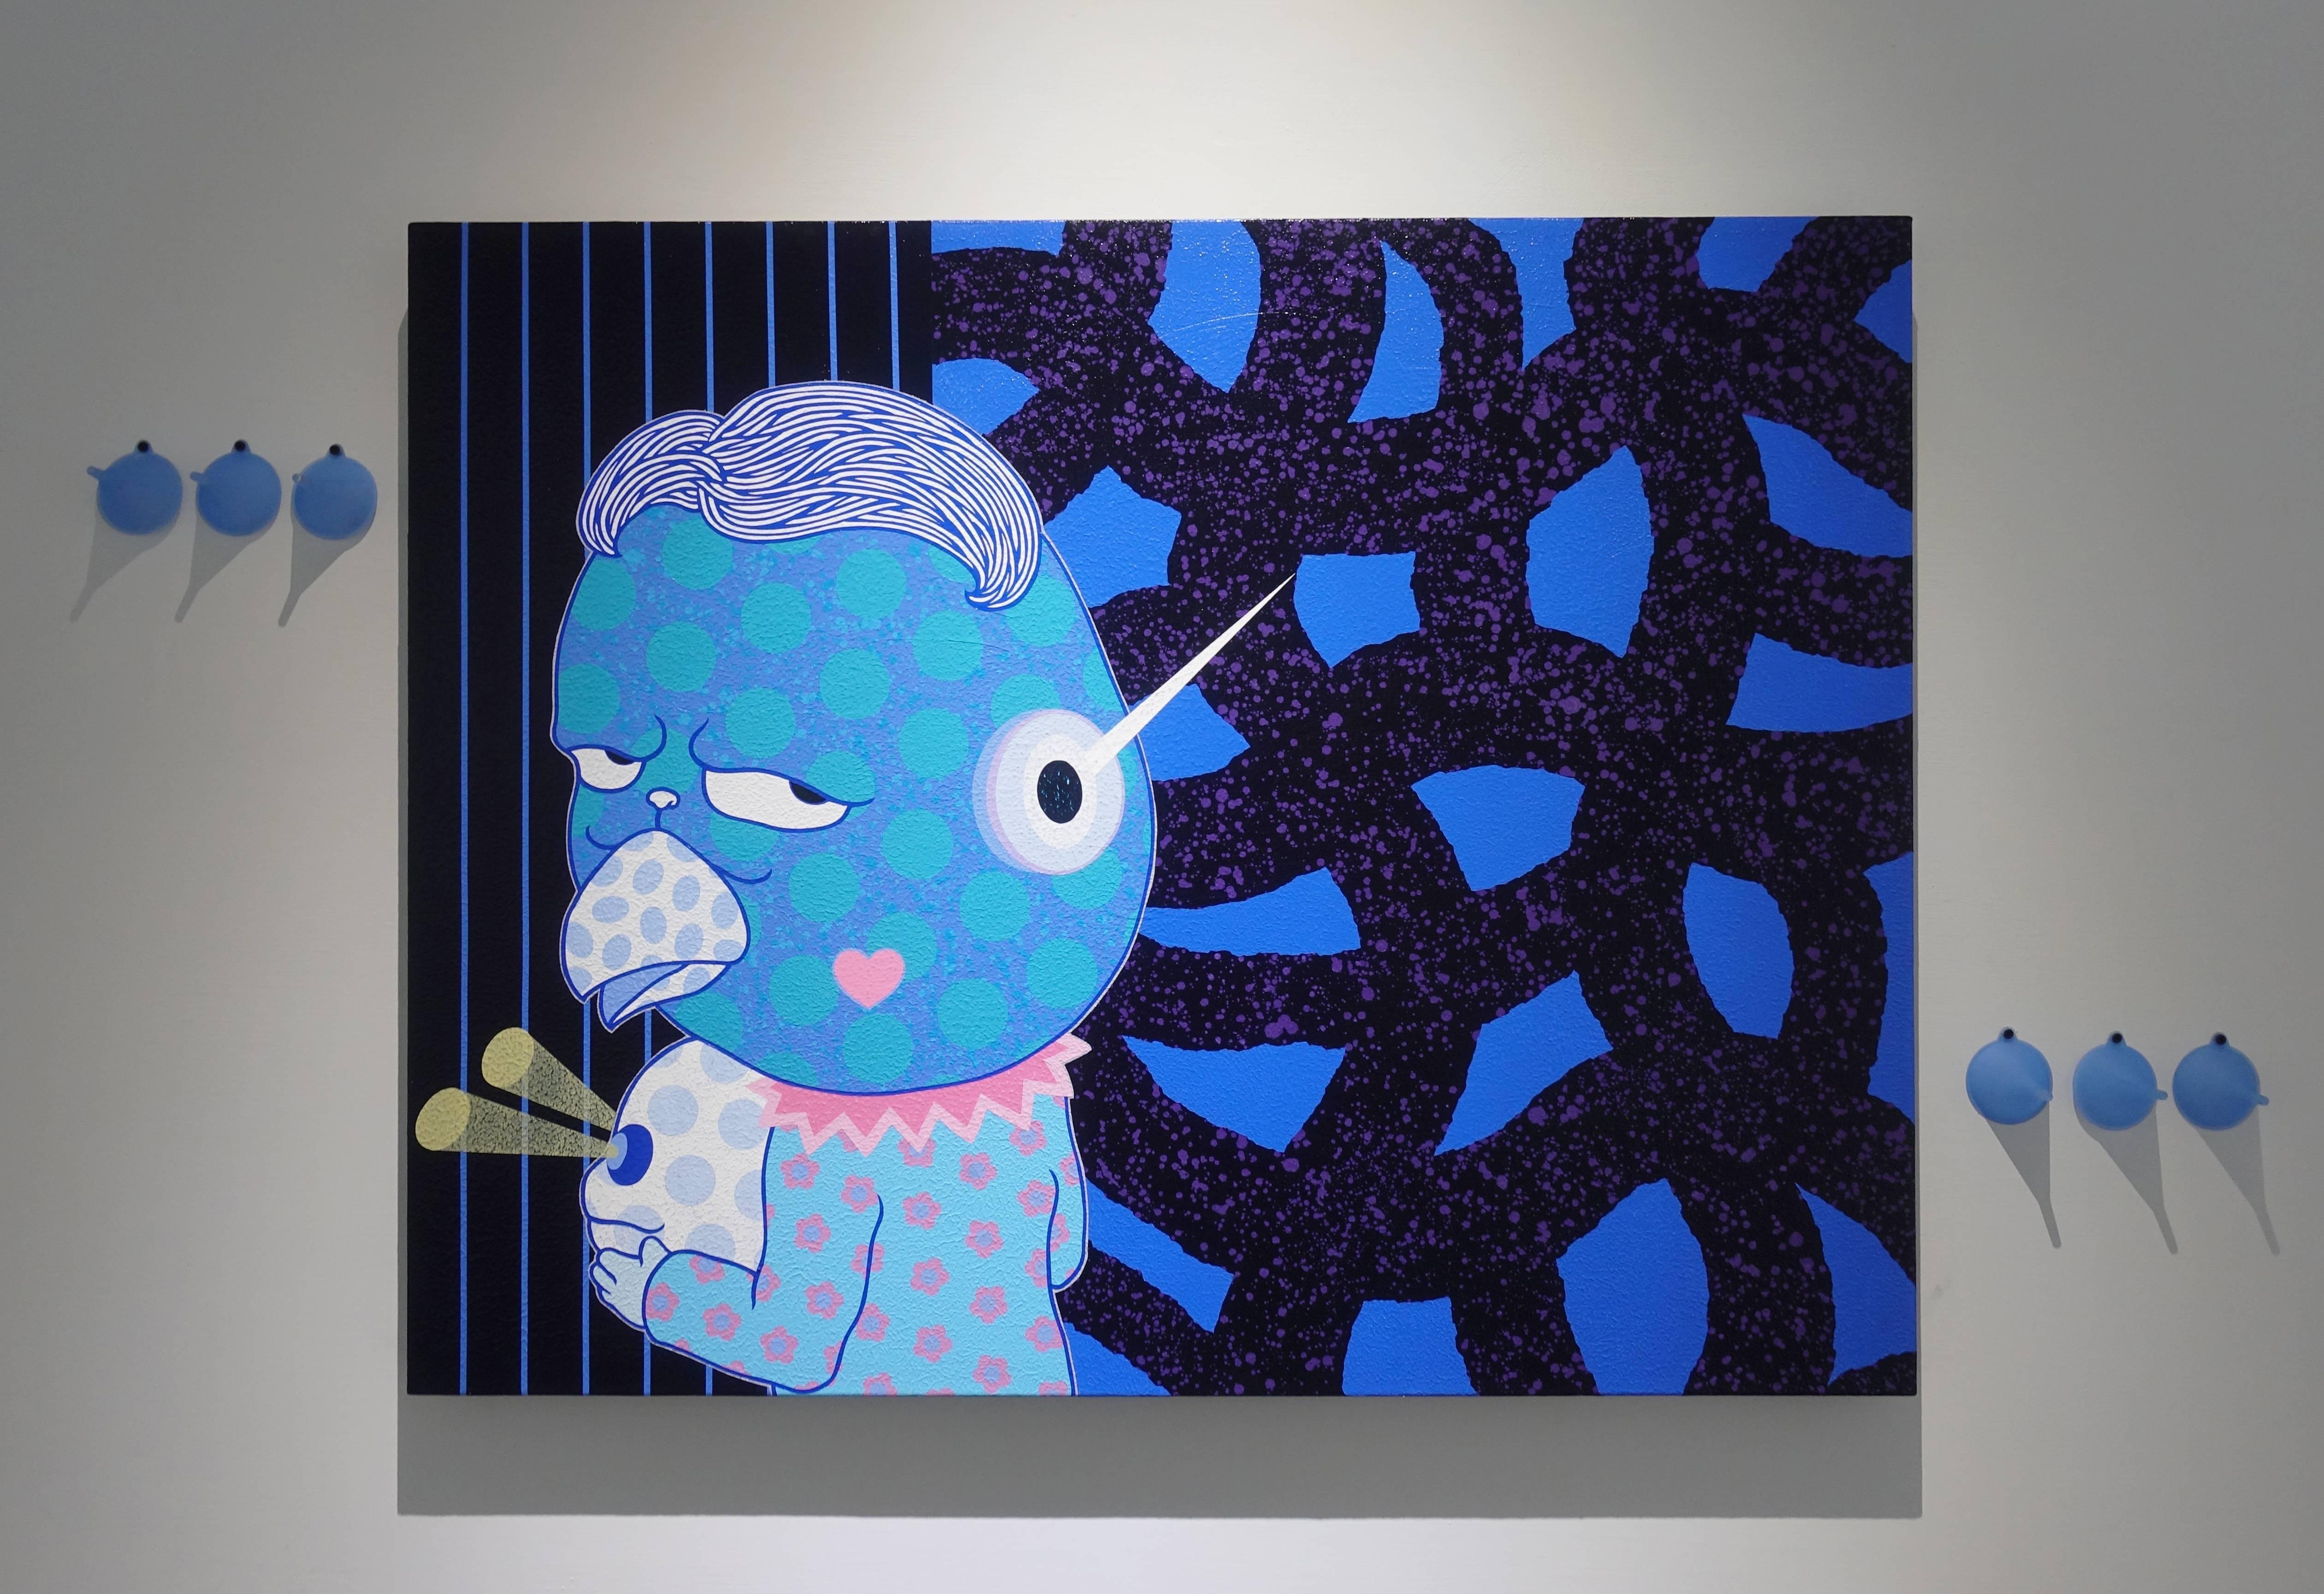 廖堉安,《悶騷人Smoulder》,壓克力、畫布,97x117 cm,2018。